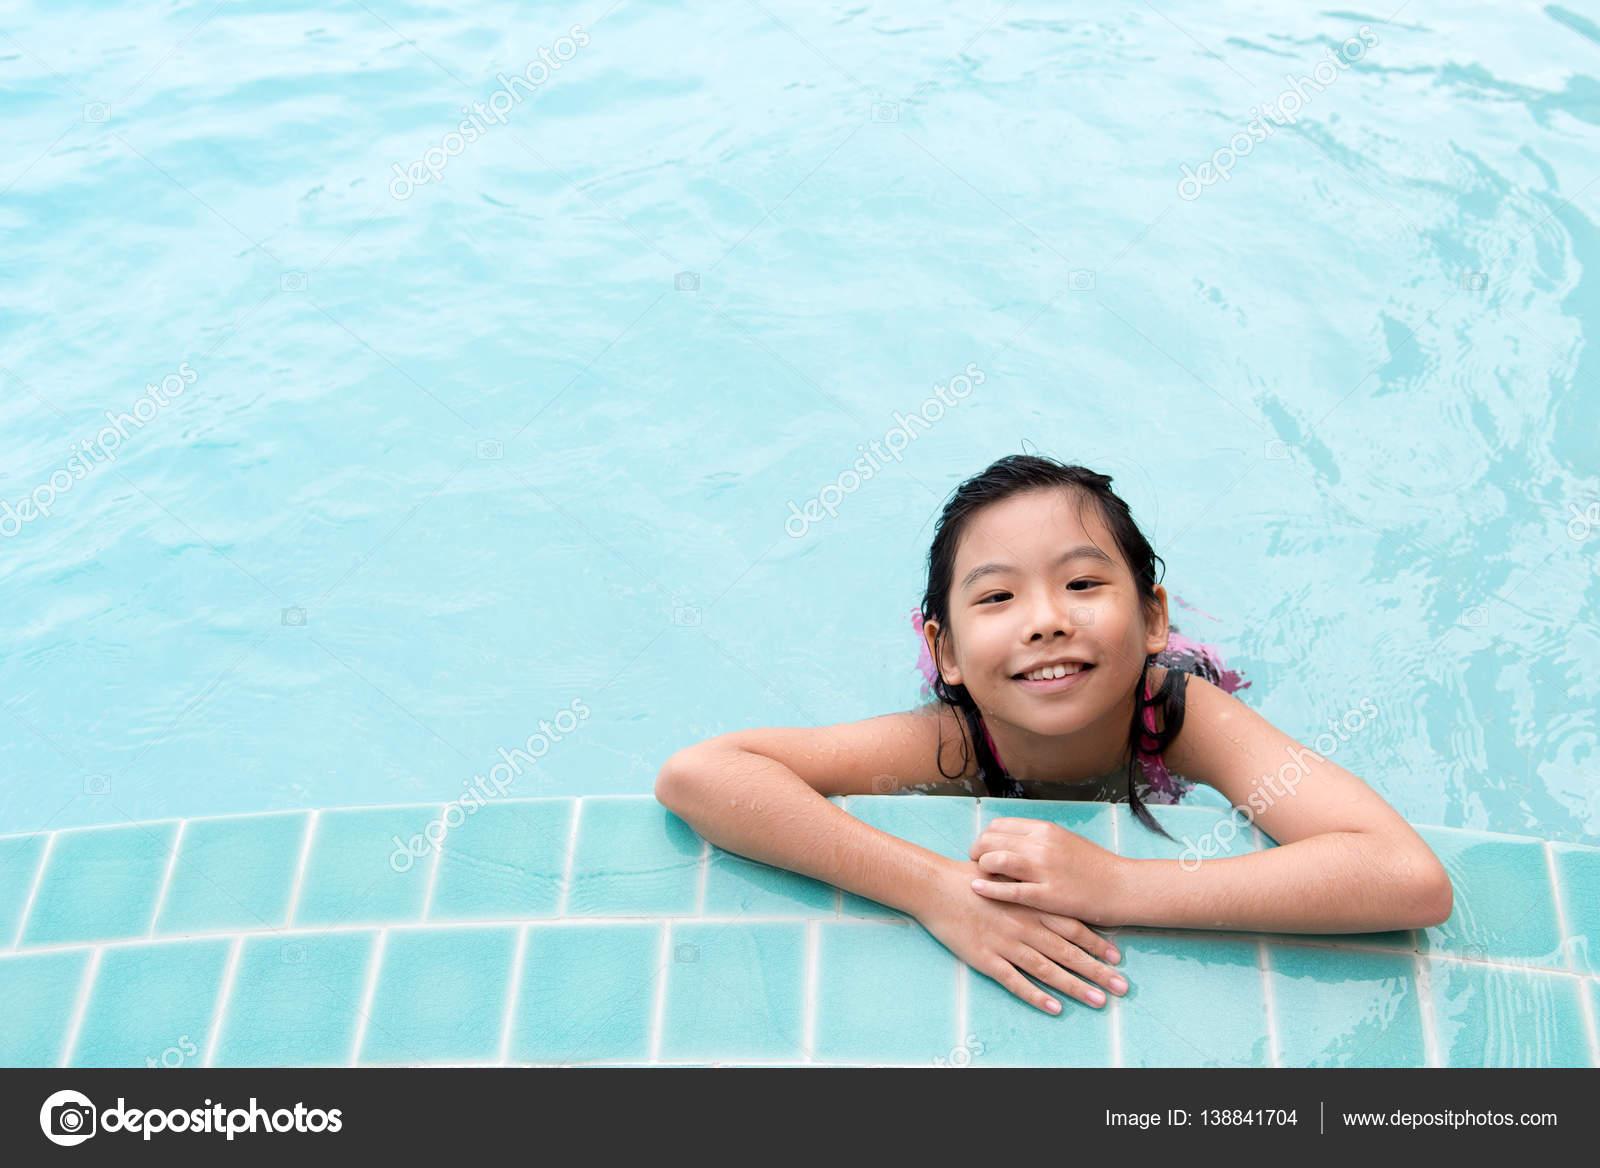 asiatische kinder im pool stockfoto shirotie 138841704. Black Bedroom Furniture Sets. Home Design Ideas